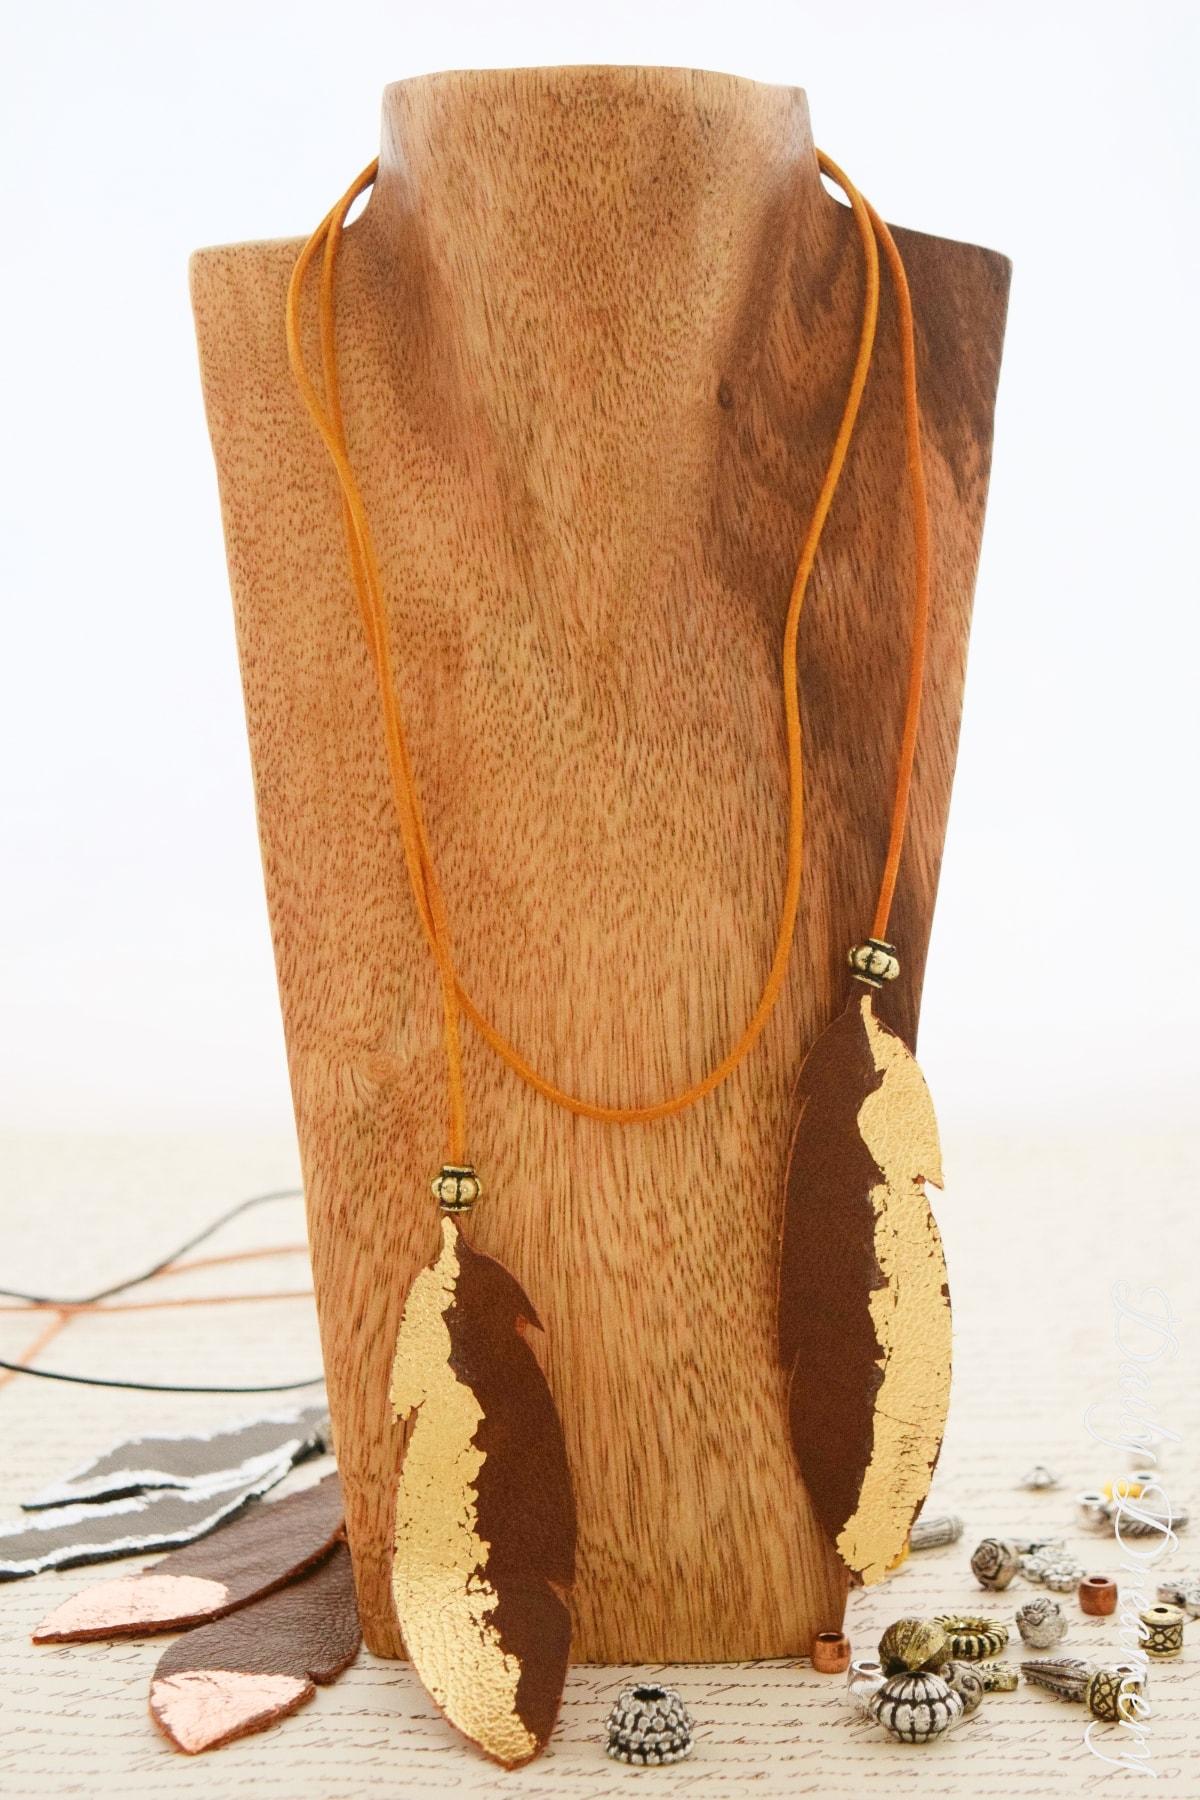 Kette aus Leder mit Federn und Blattmetall